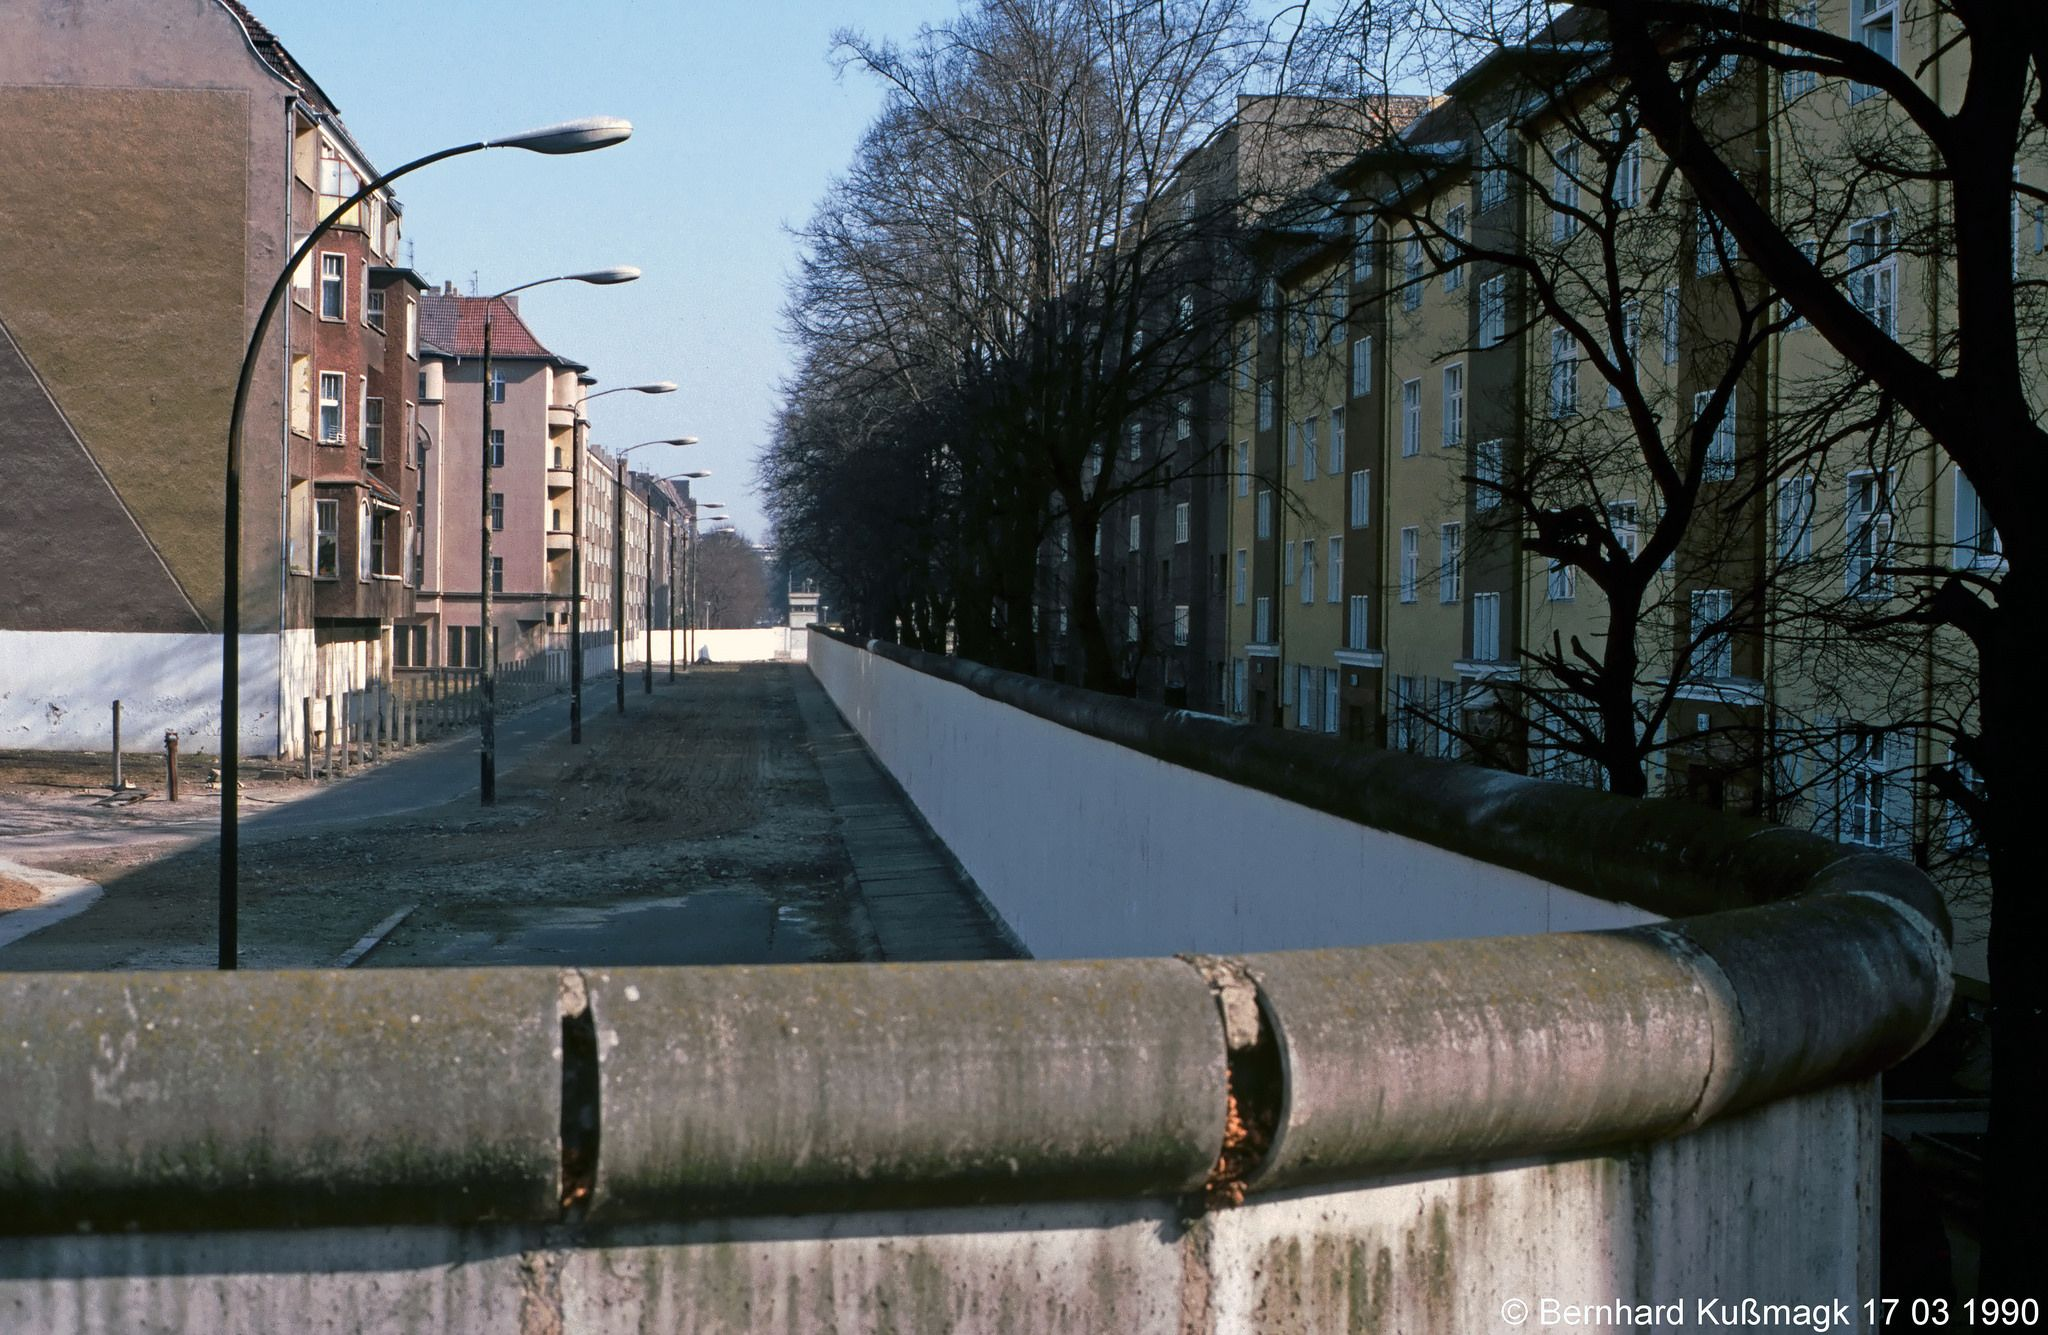 Europa Deutschland Berlin Neukolln Bouchestrasse Ecke Harzer Strasse Blick Nach Treptow Berlin Sidewalk Alley